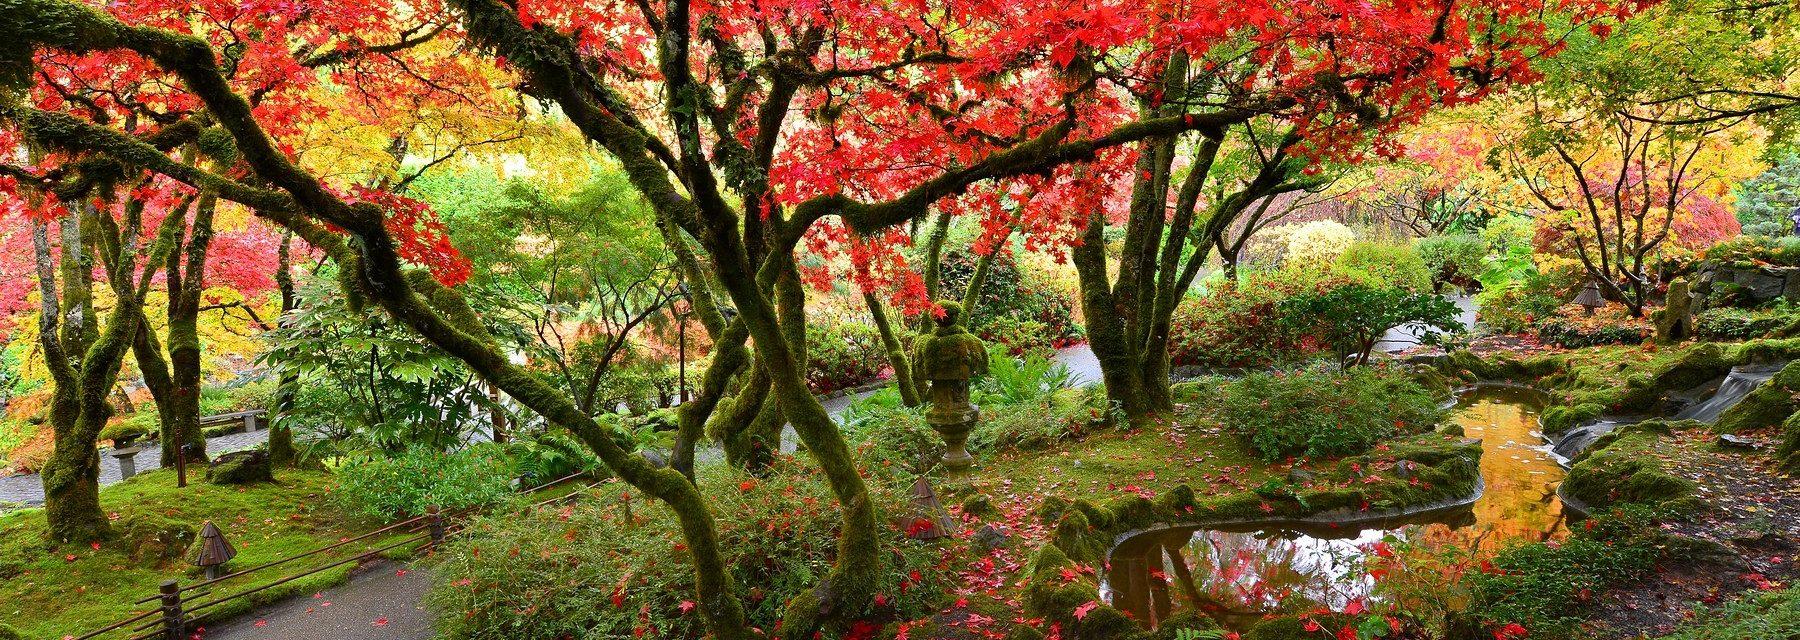 Japanese Garden Butchart